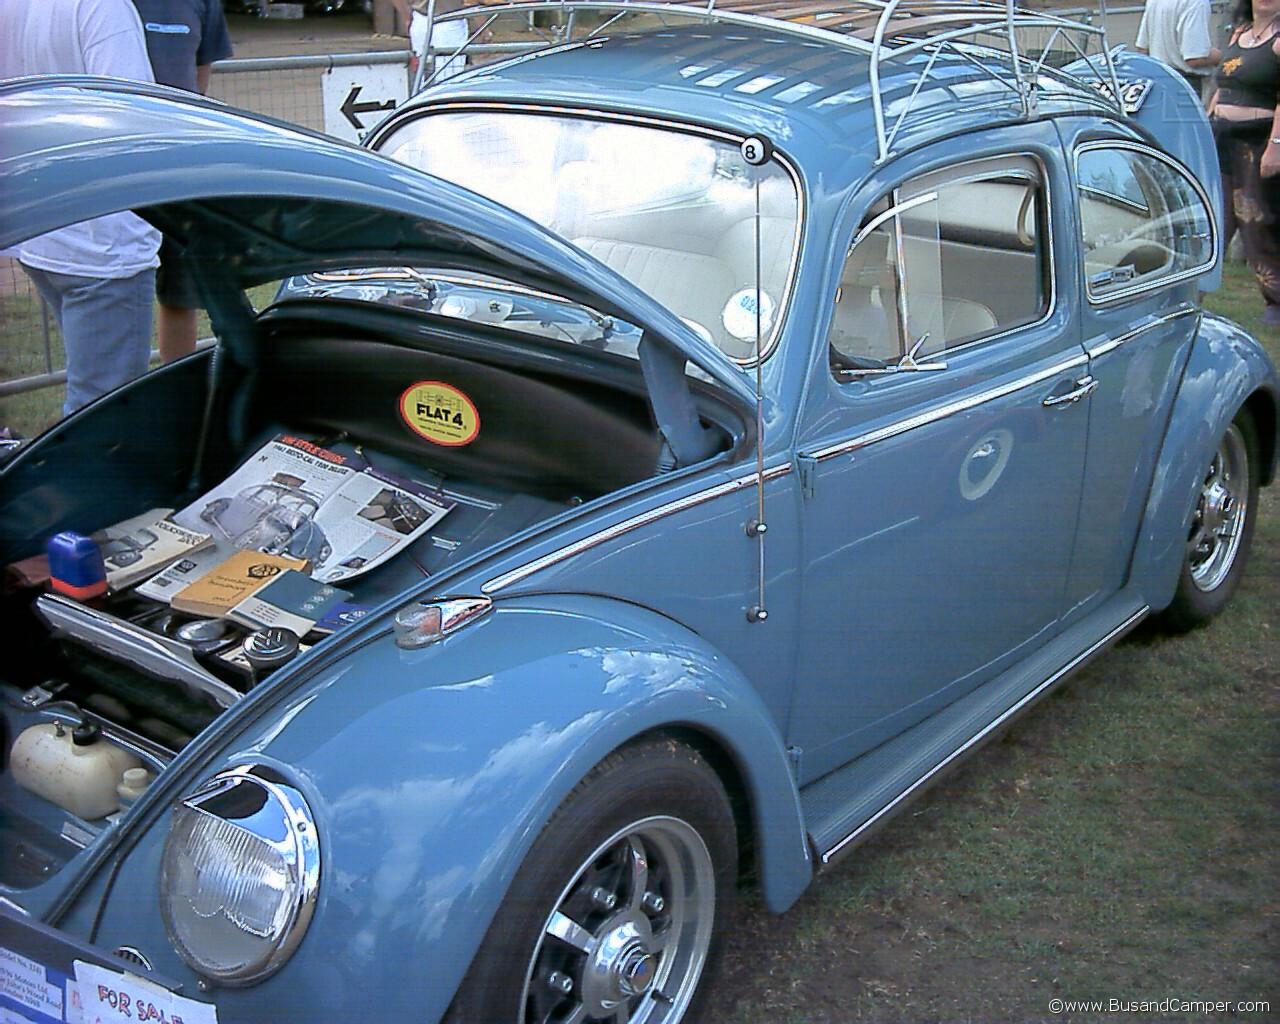 sprinstars on a beetle